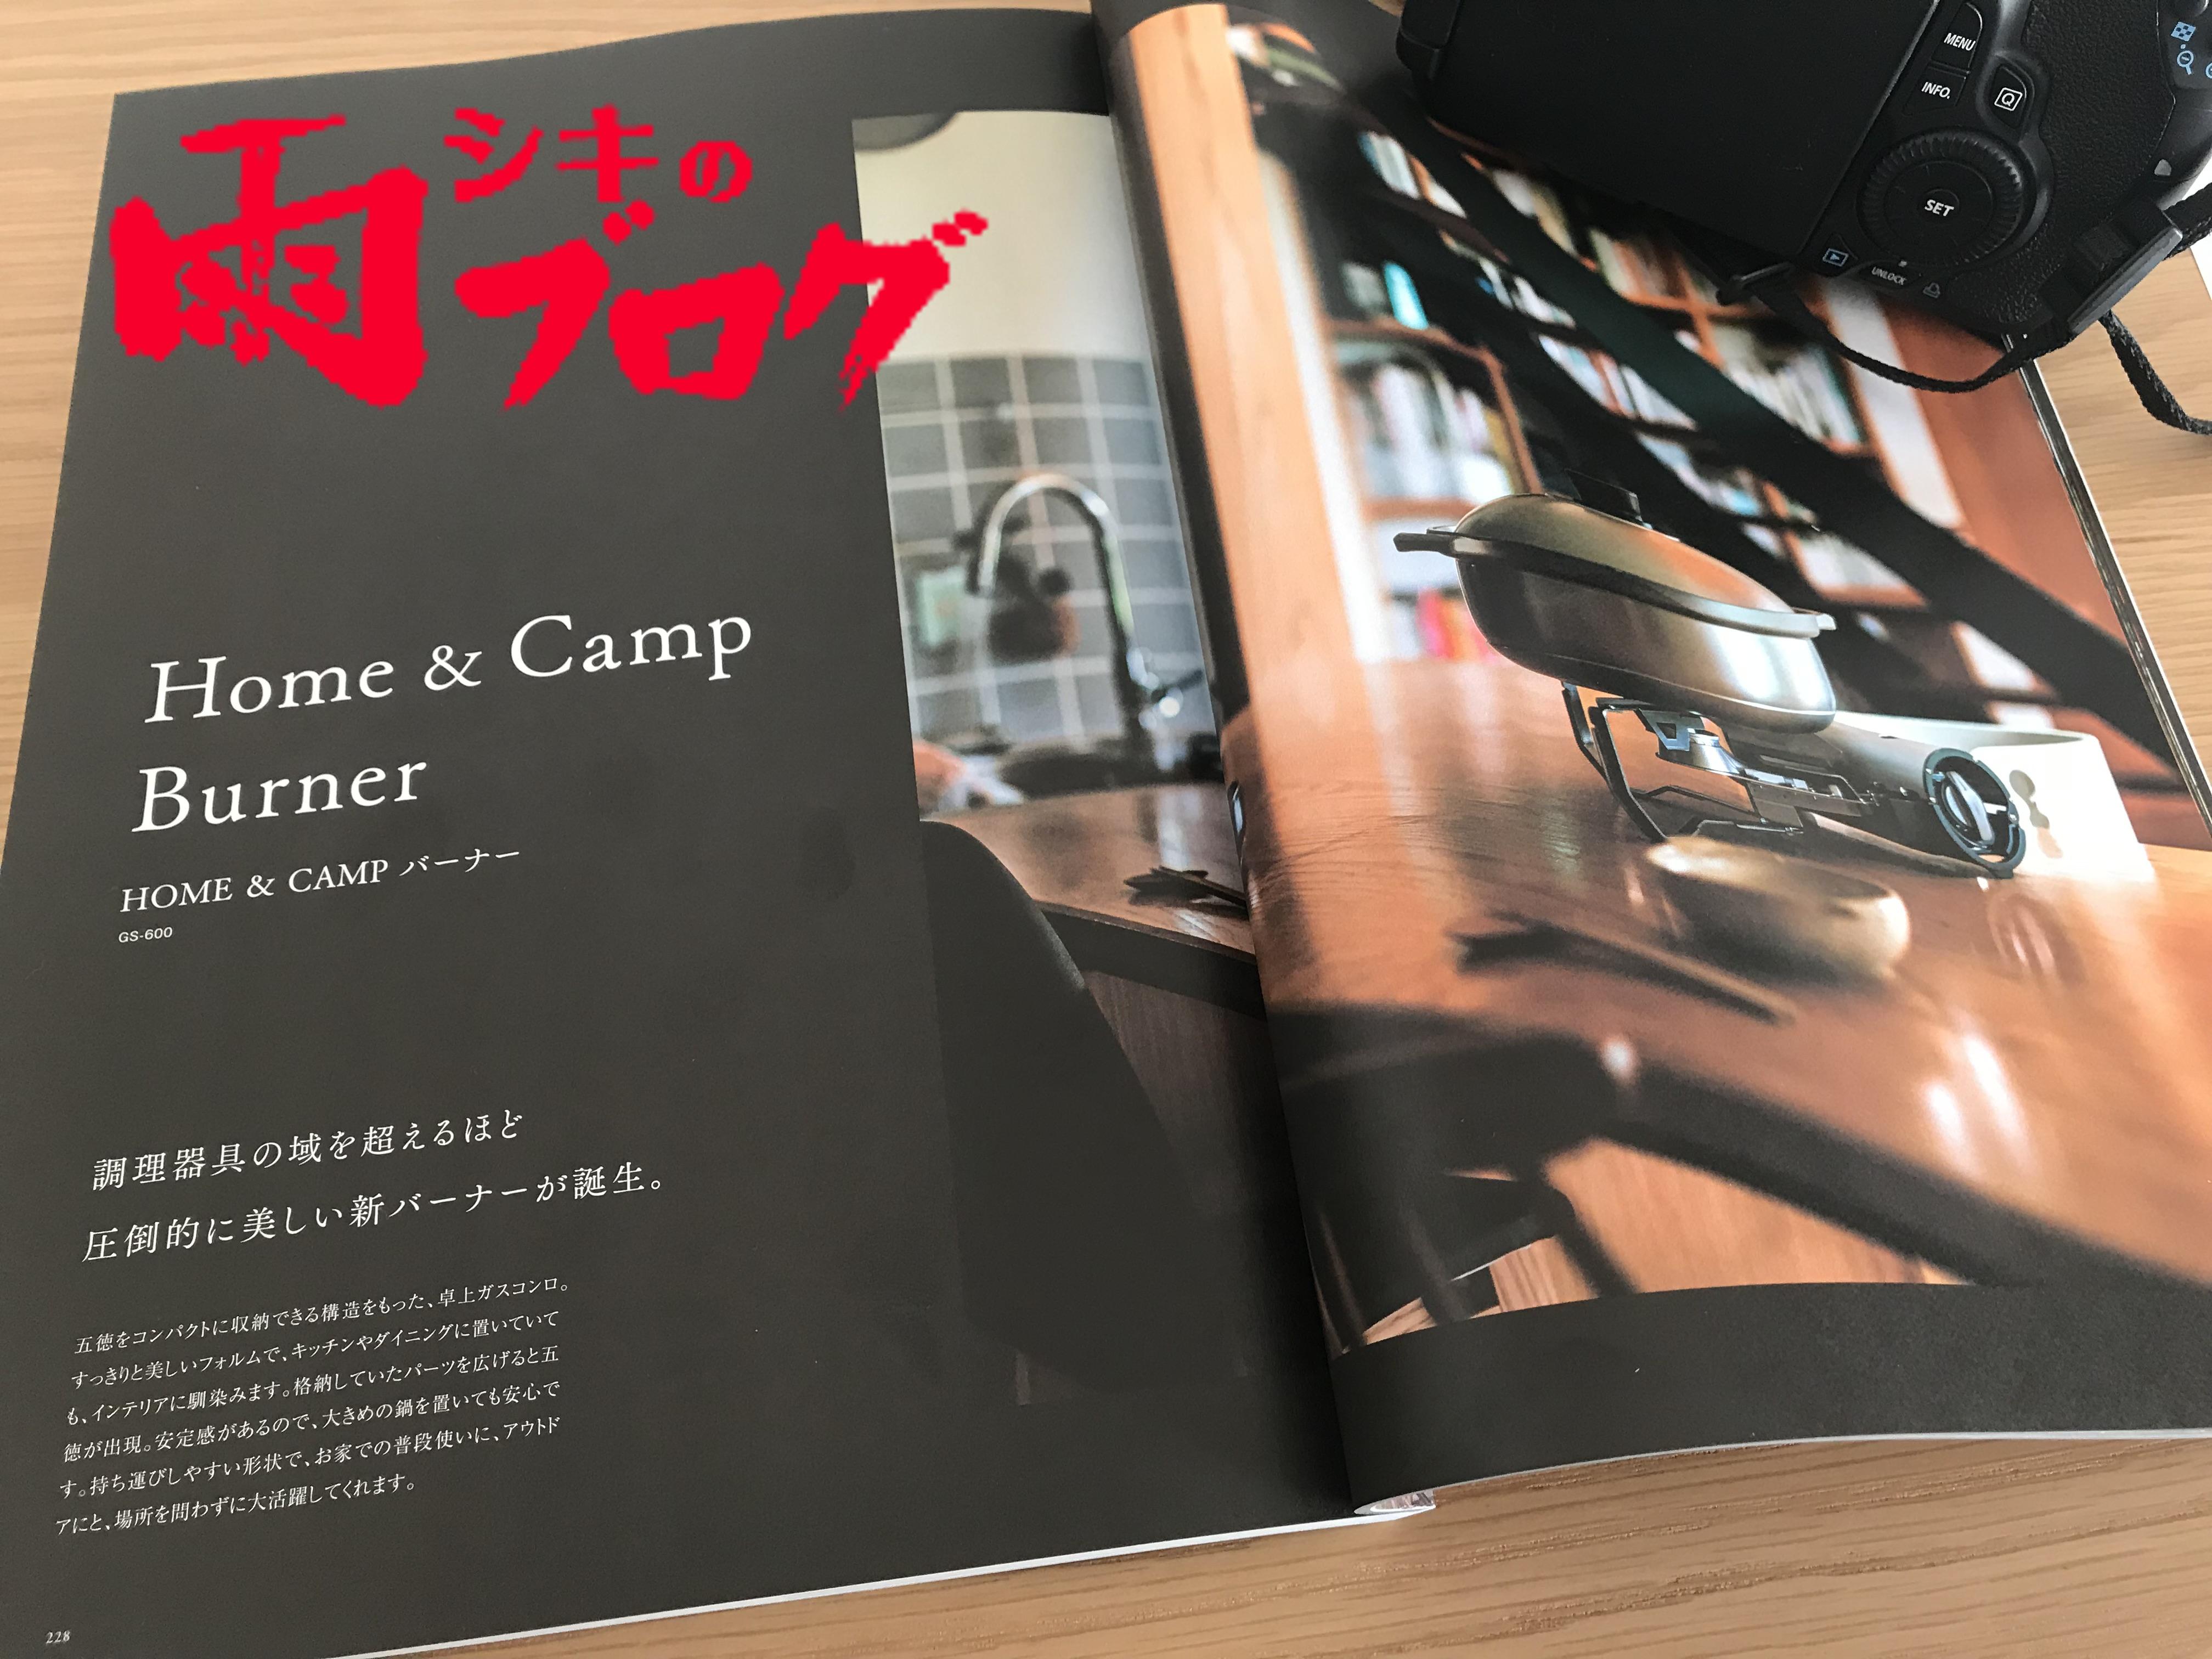 スノーピークの2019年新商品『HOME&CAMPバーナー』は絶対、買い。